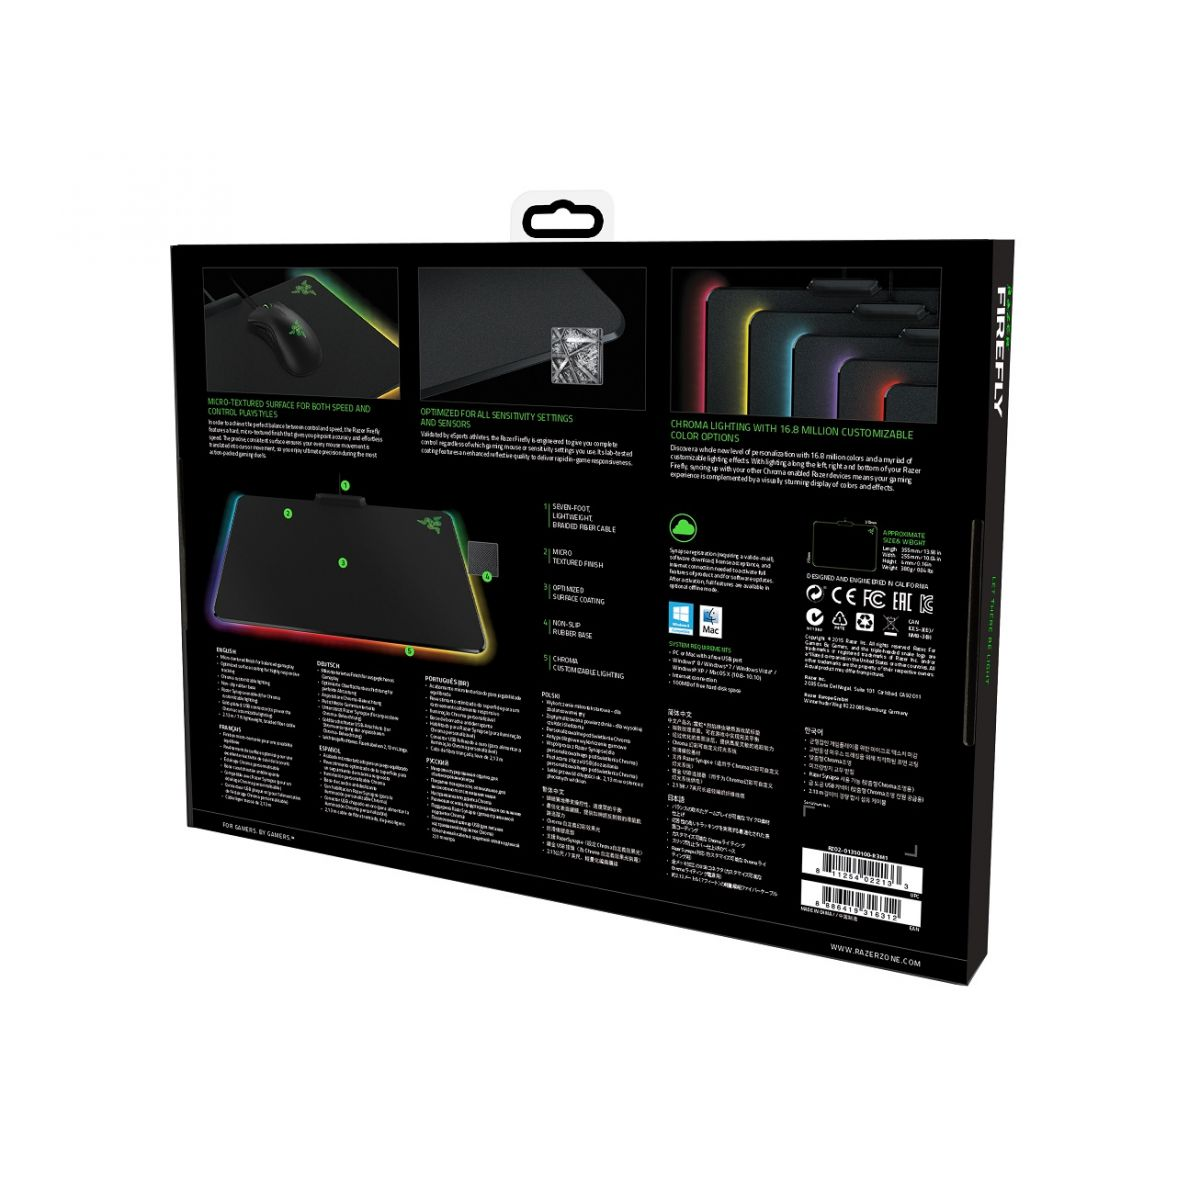 Mouse Pad Chroma Firefly RZ02-01350100-R3U1 - Razer